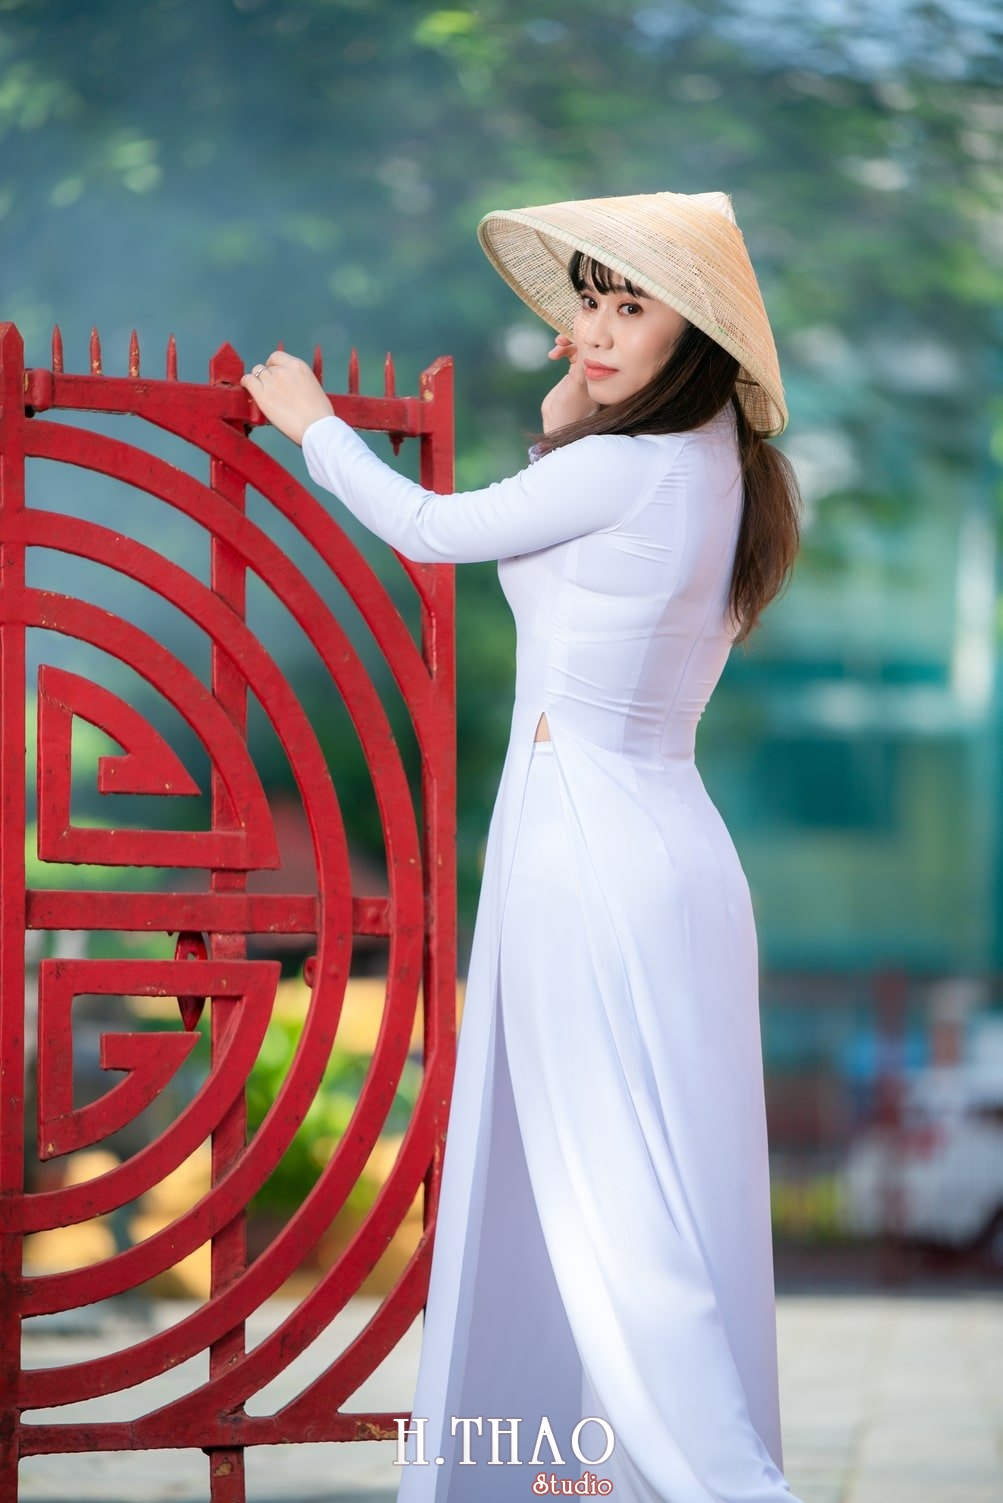 Ao dai viet nam 6 - Album áo dài tím, áo dài trắng thướt tha trong gió - HThao Studio